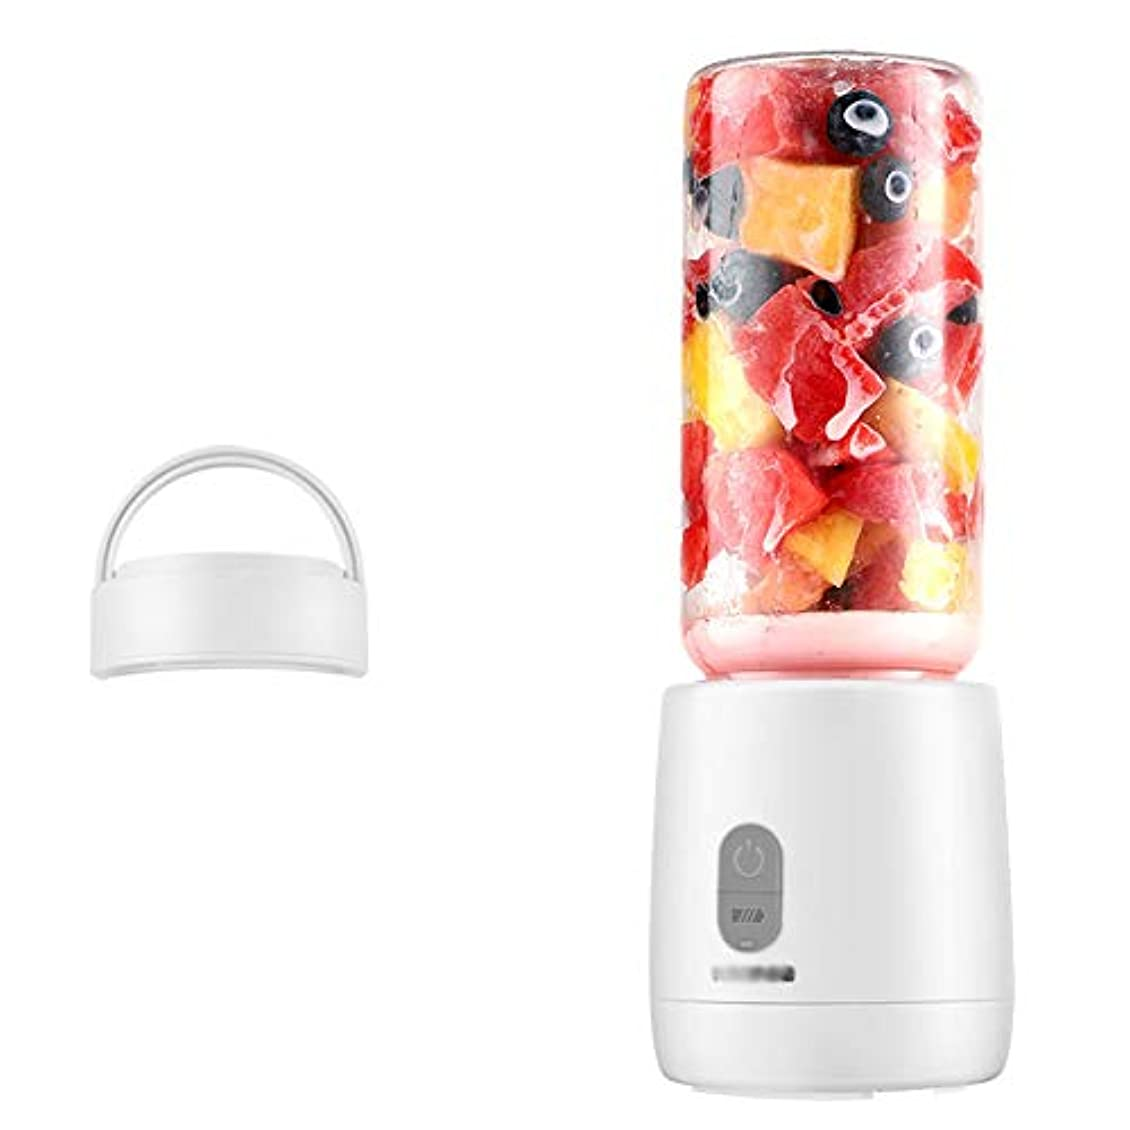 証明するご予約観客ジューサーミニポータブル多機能USB充電ジューサーカップ電動ジューサー混合カップ